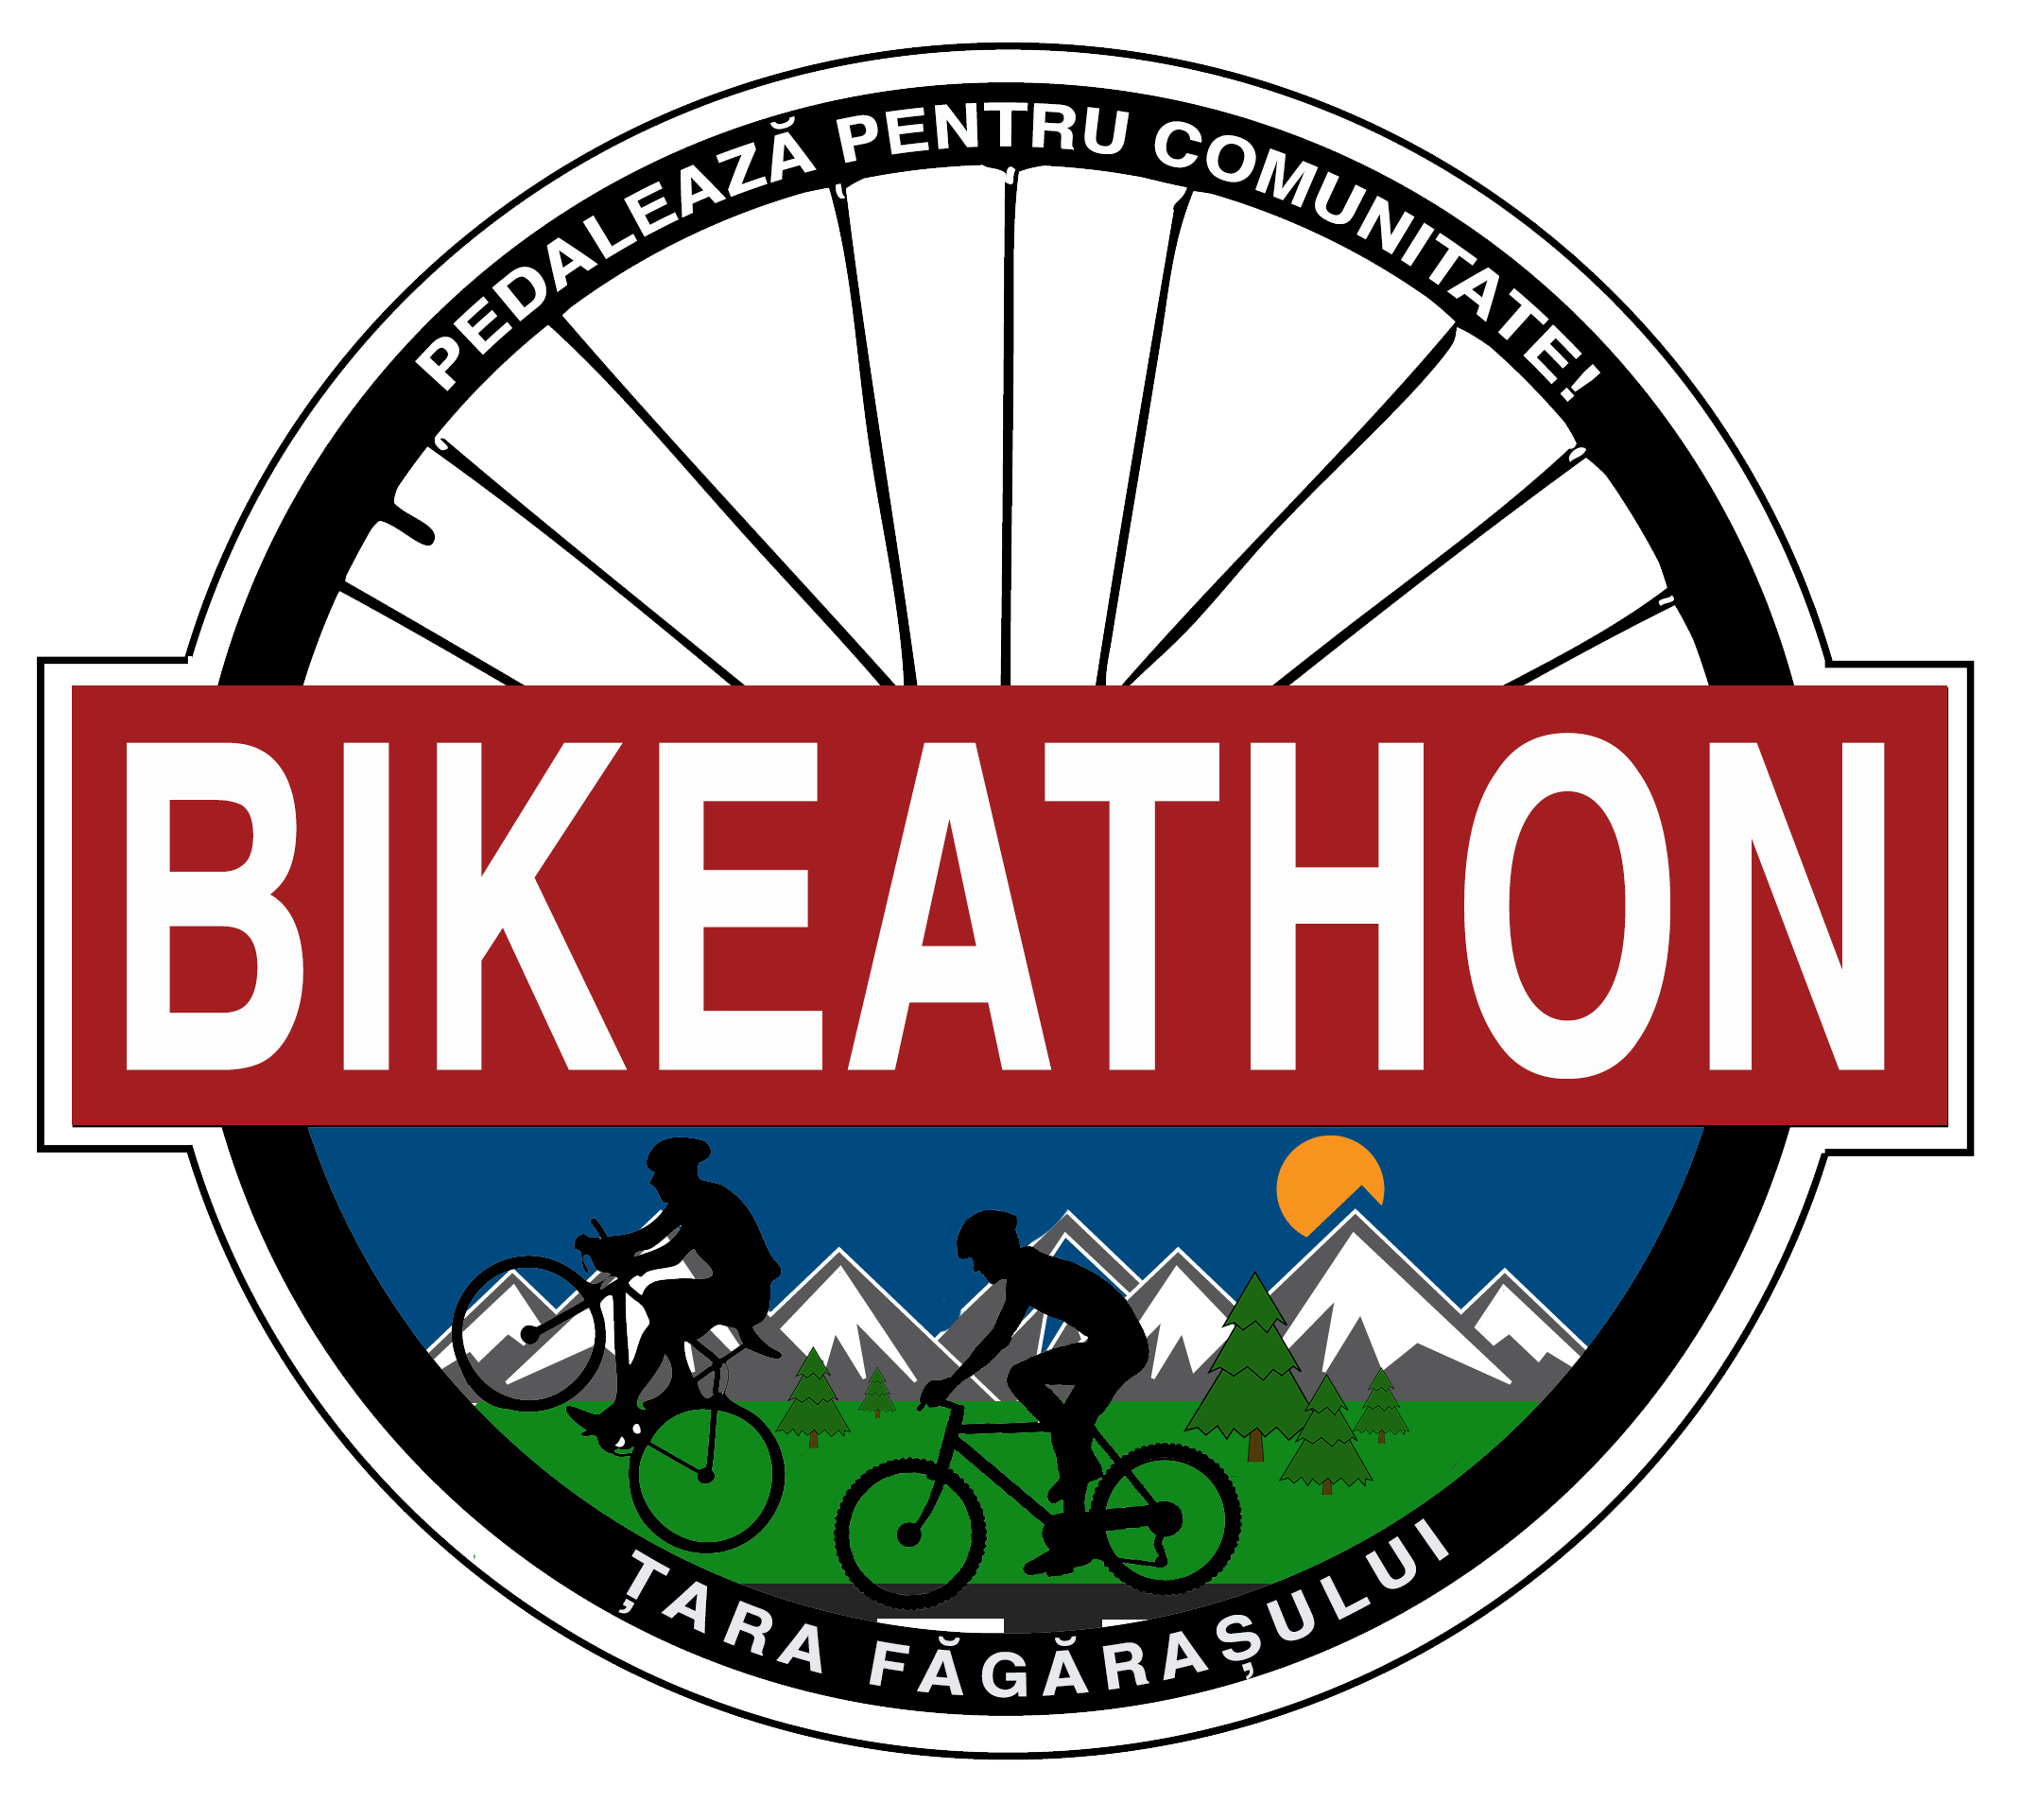 Bikeathon Țara Făgărașului - Pedalează pentru comunitate!